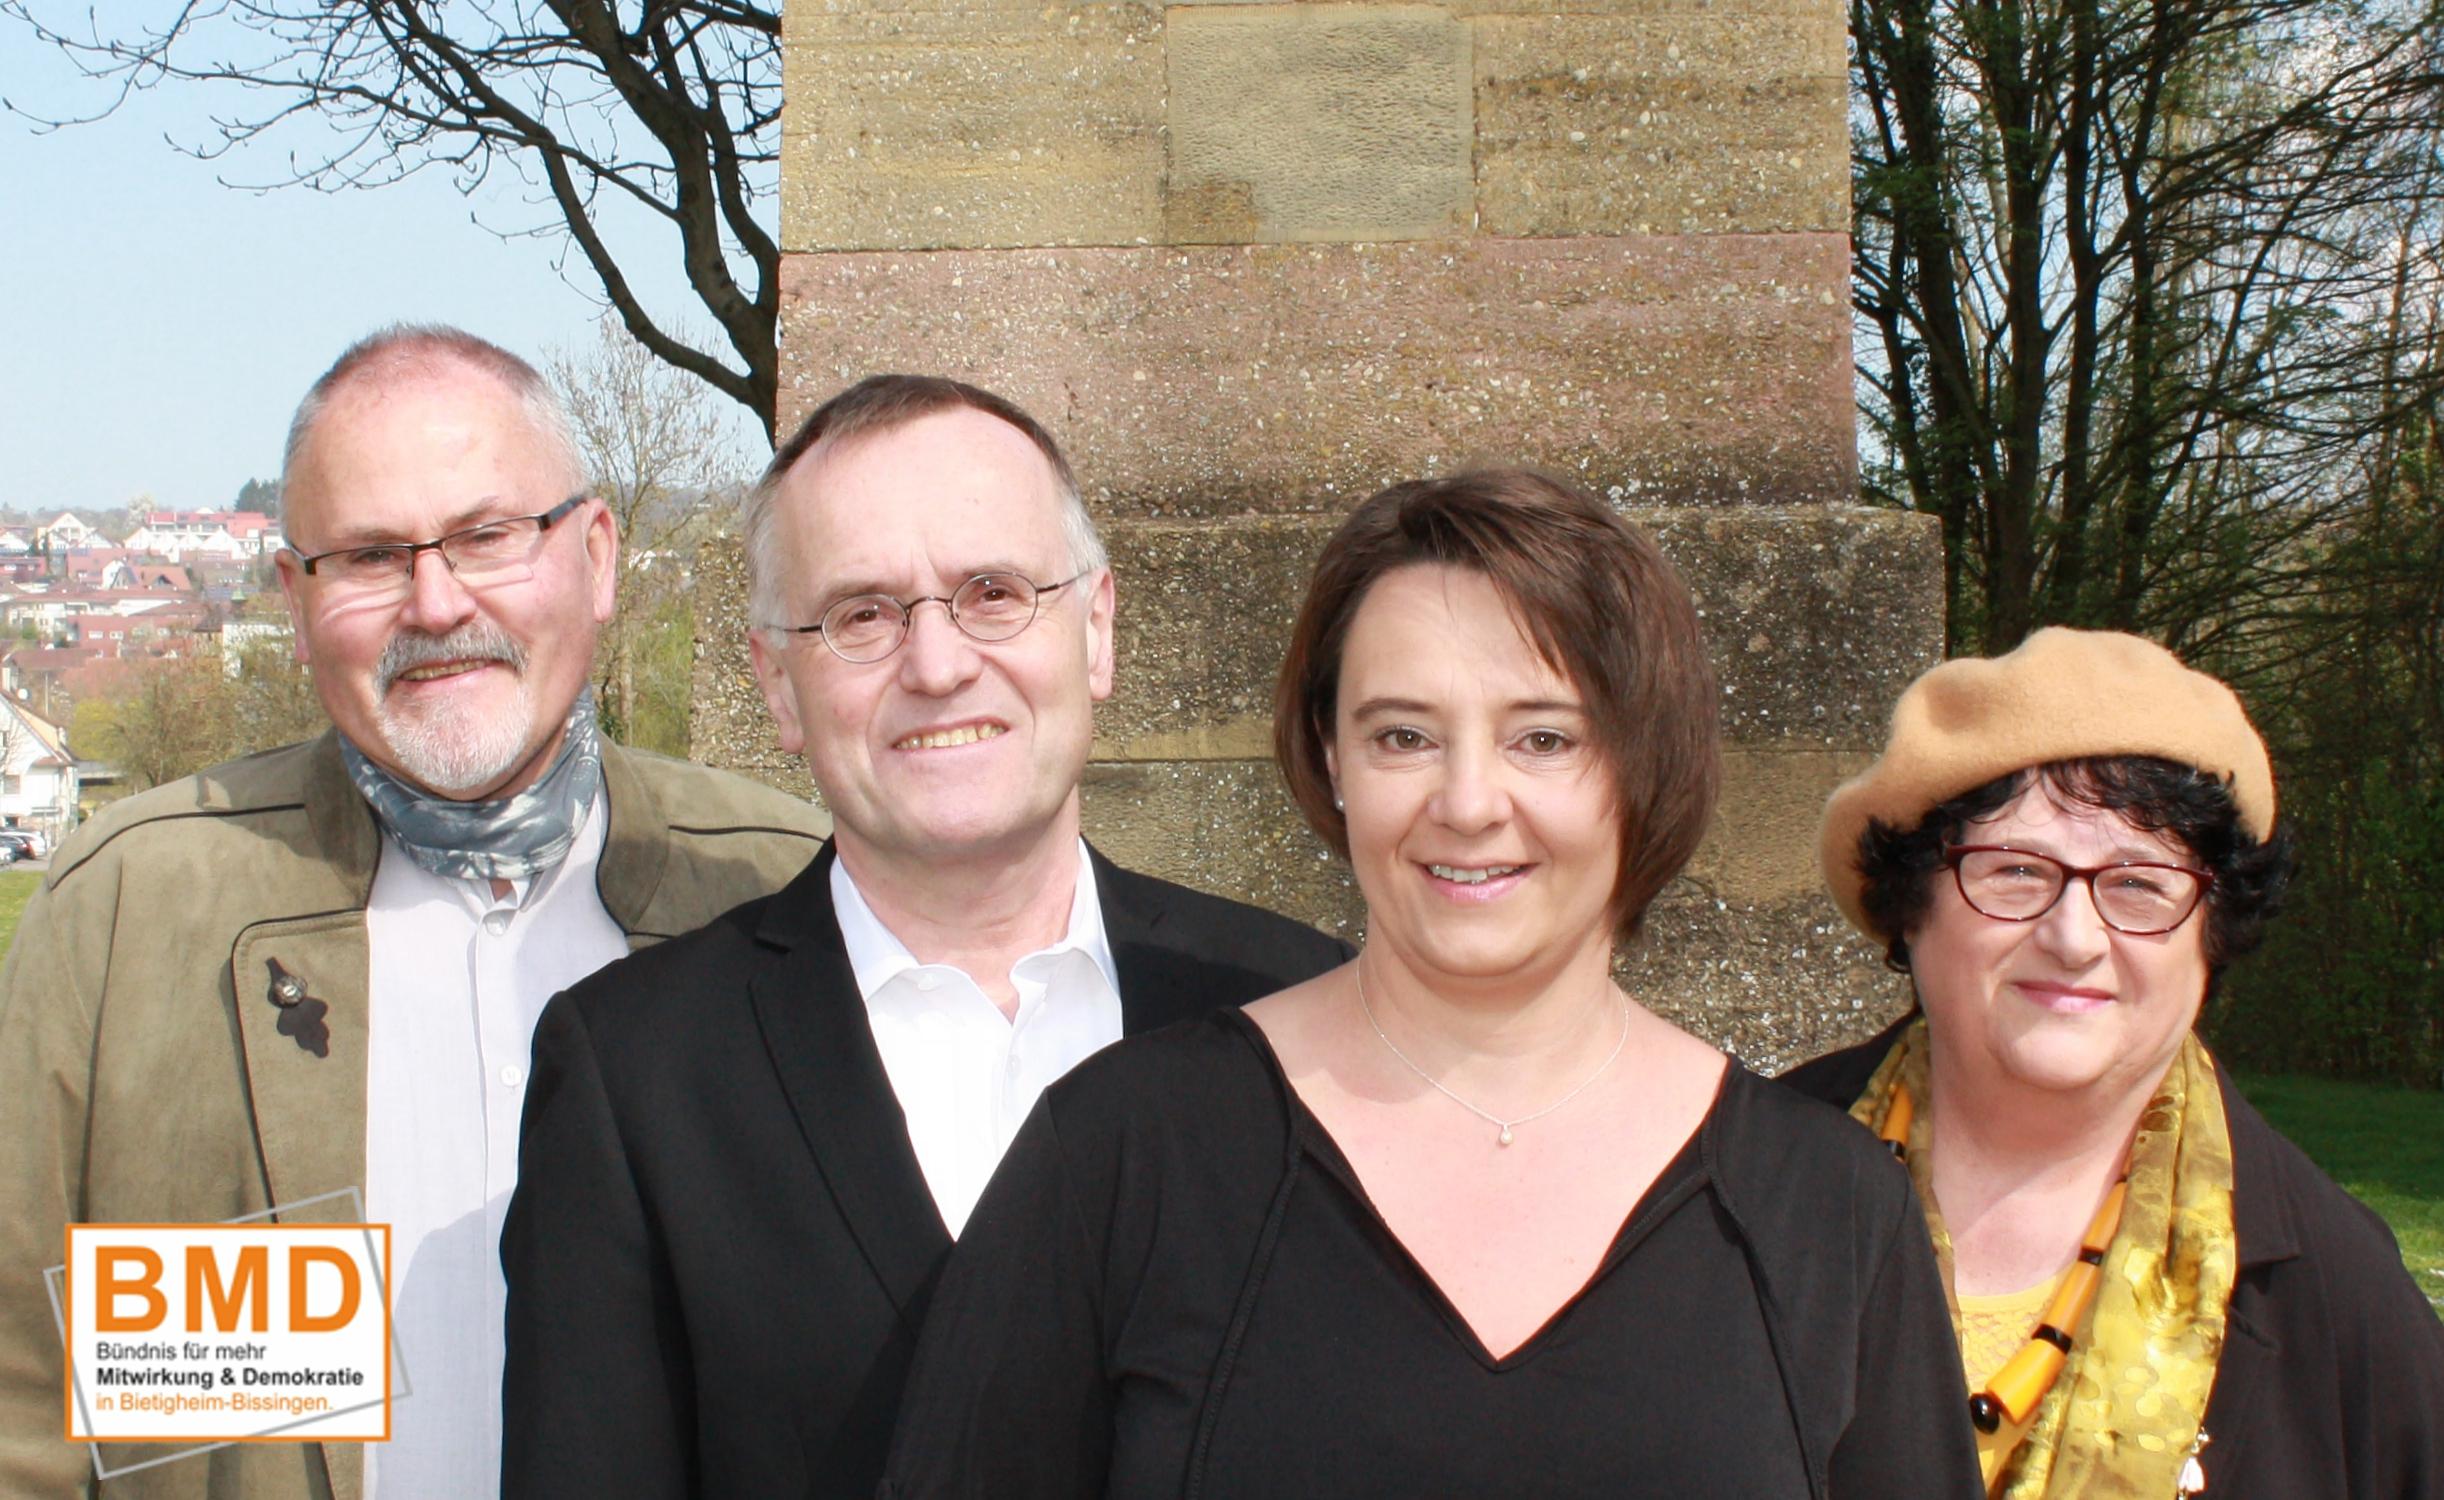 BMD-Kandidaten zur Gemeinderatswahl Bietigheim-Bissingen 2019